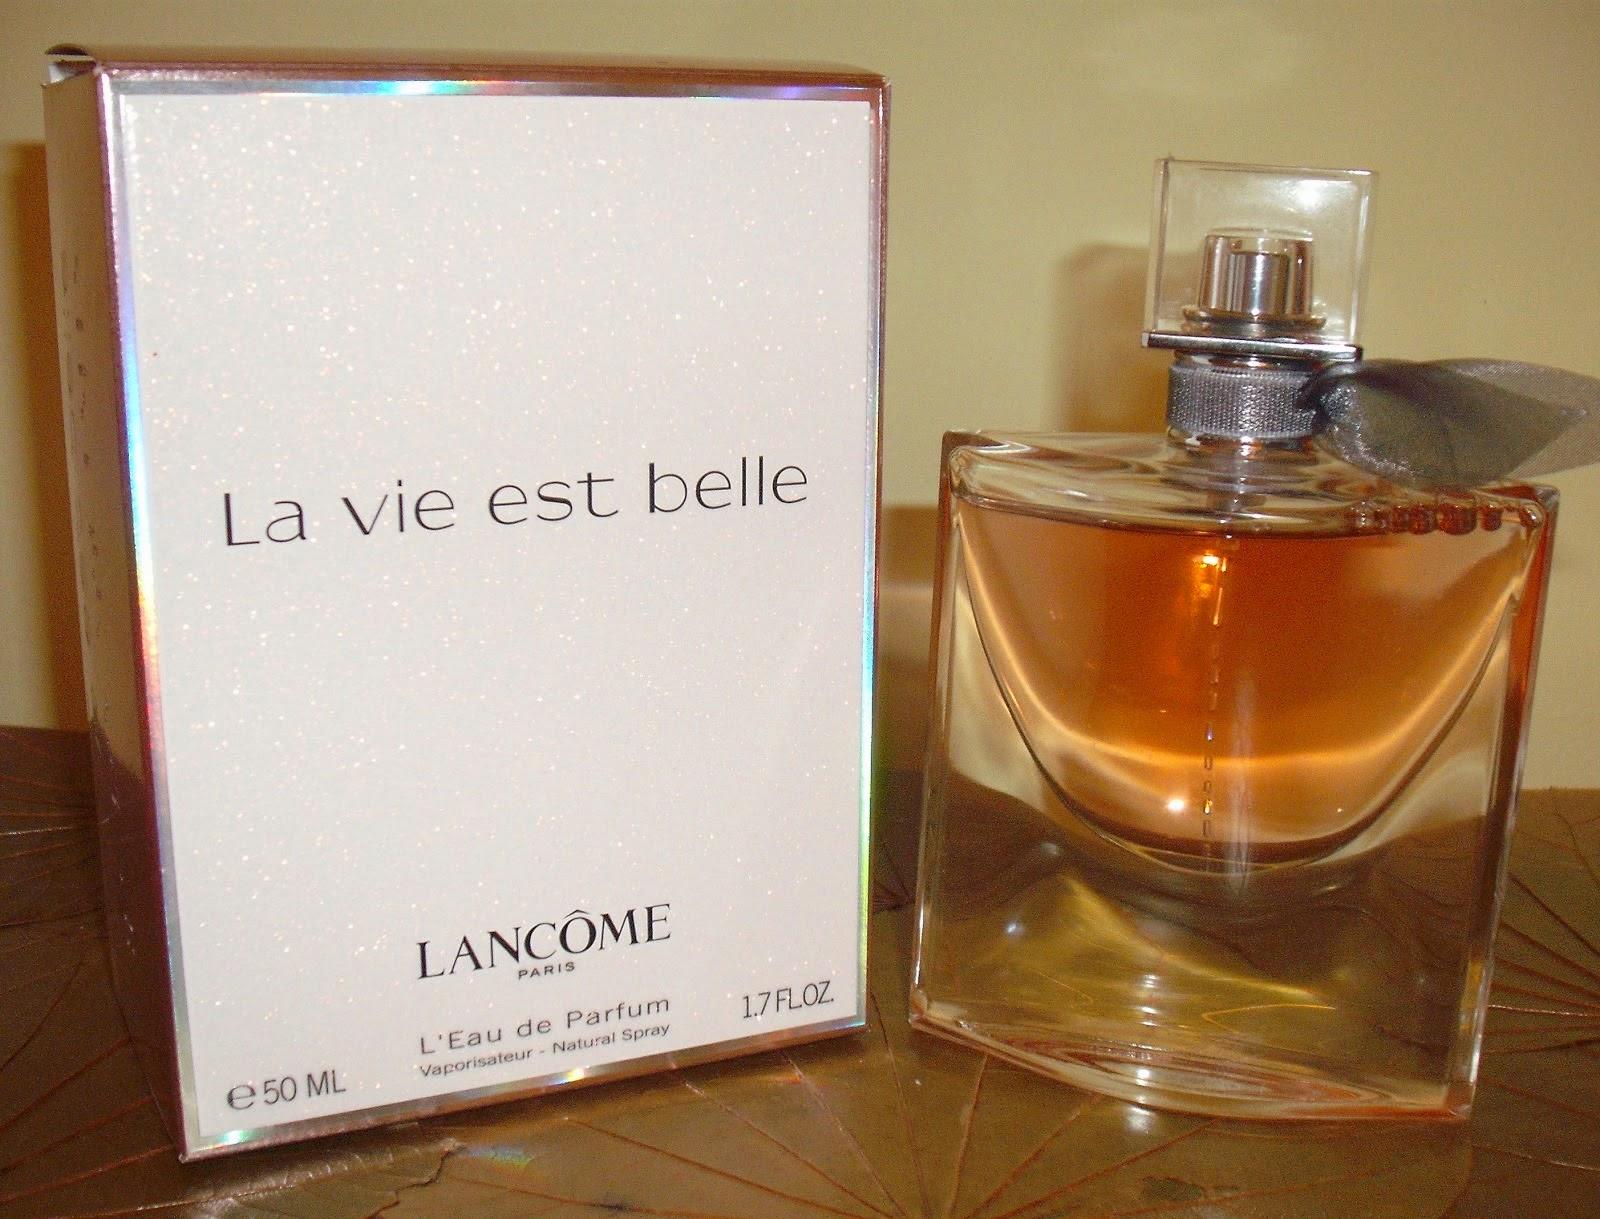 lavender thoughts od pentru un parfum la vie est belle lancome. Black Bedroom Furniture Sets. Home Design Ideas